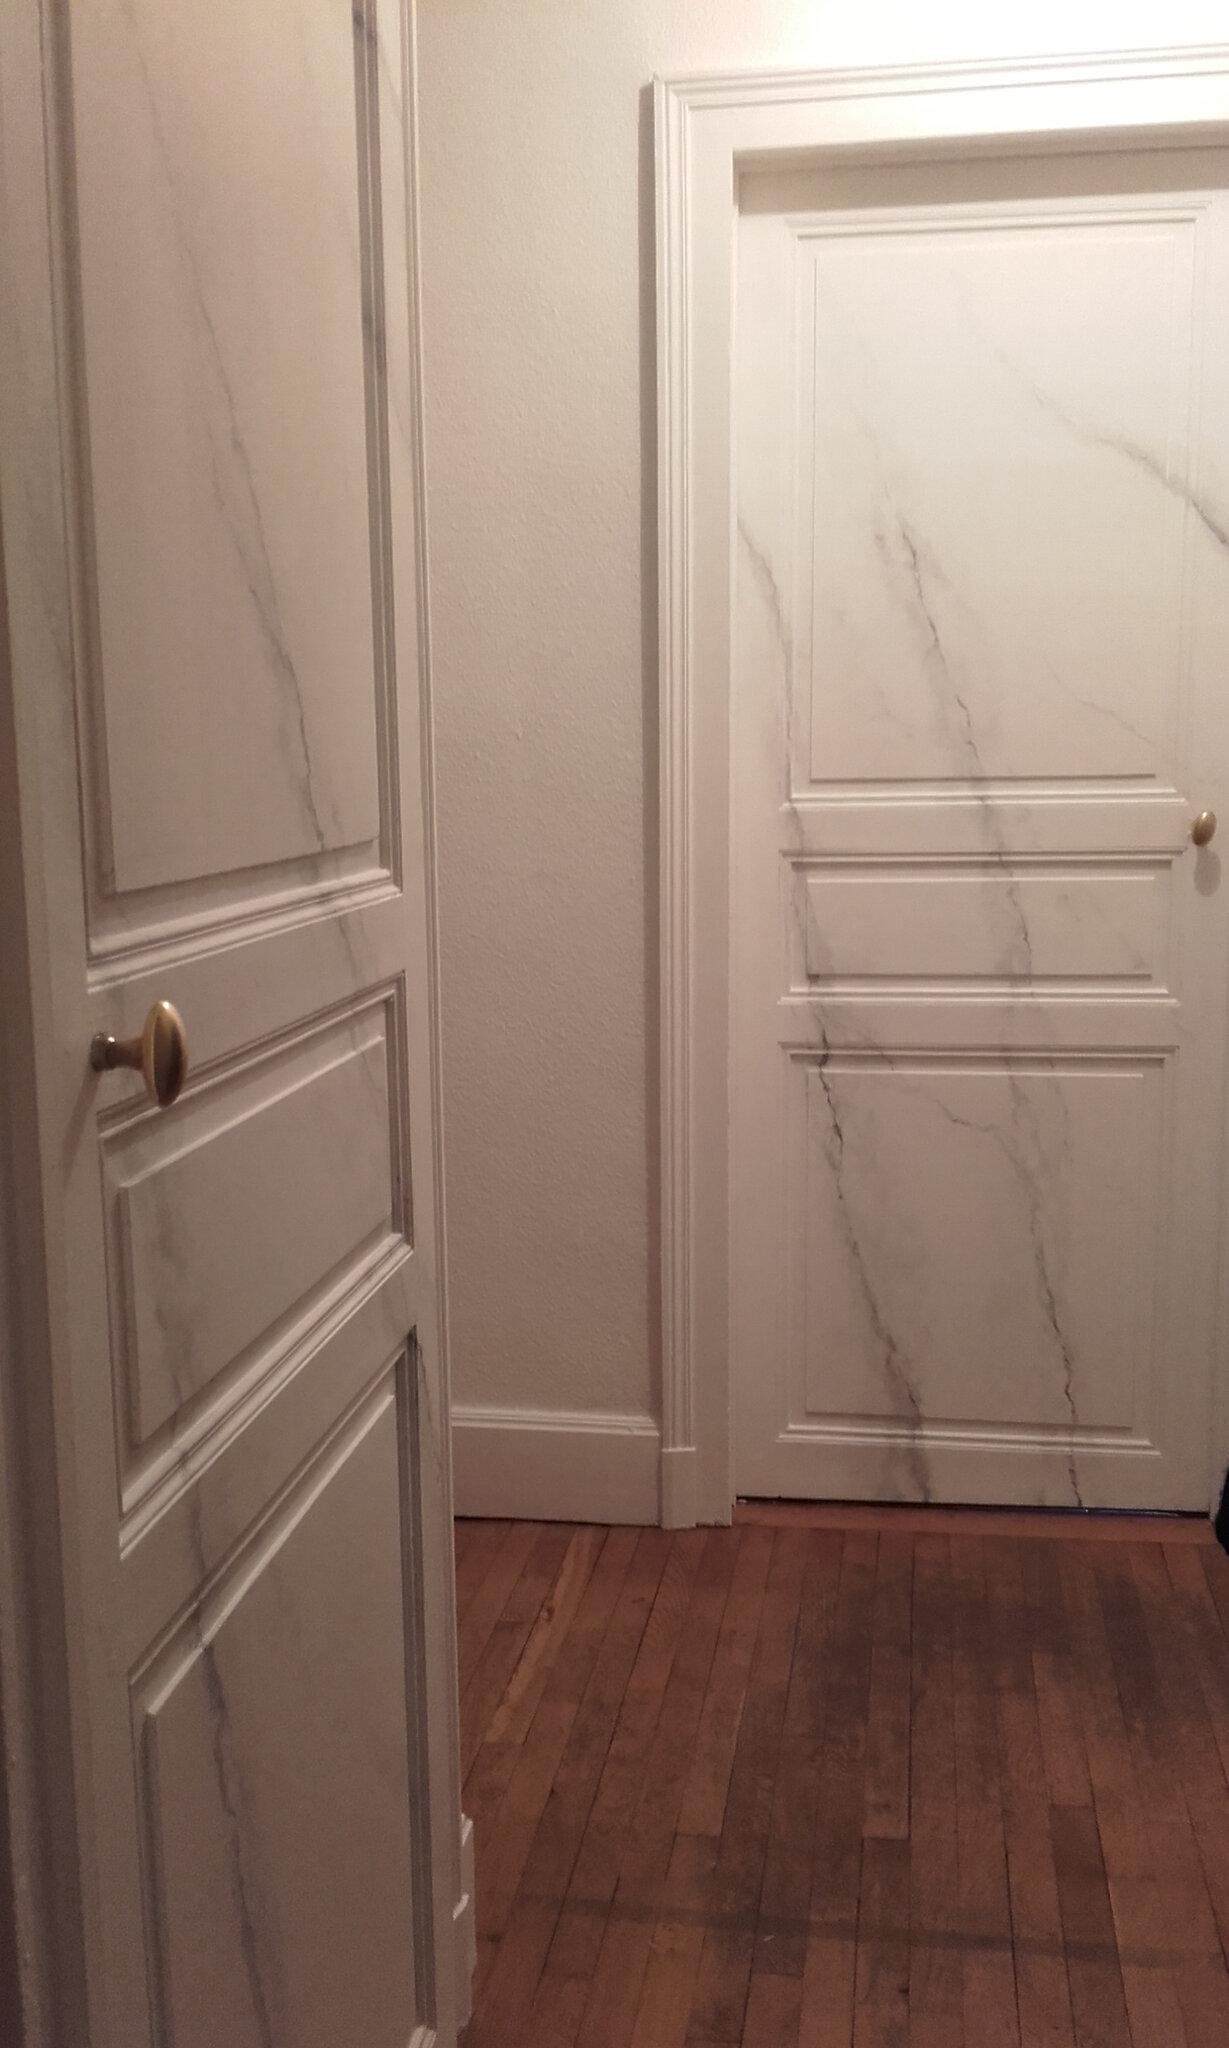 Portes couloir /Entrée